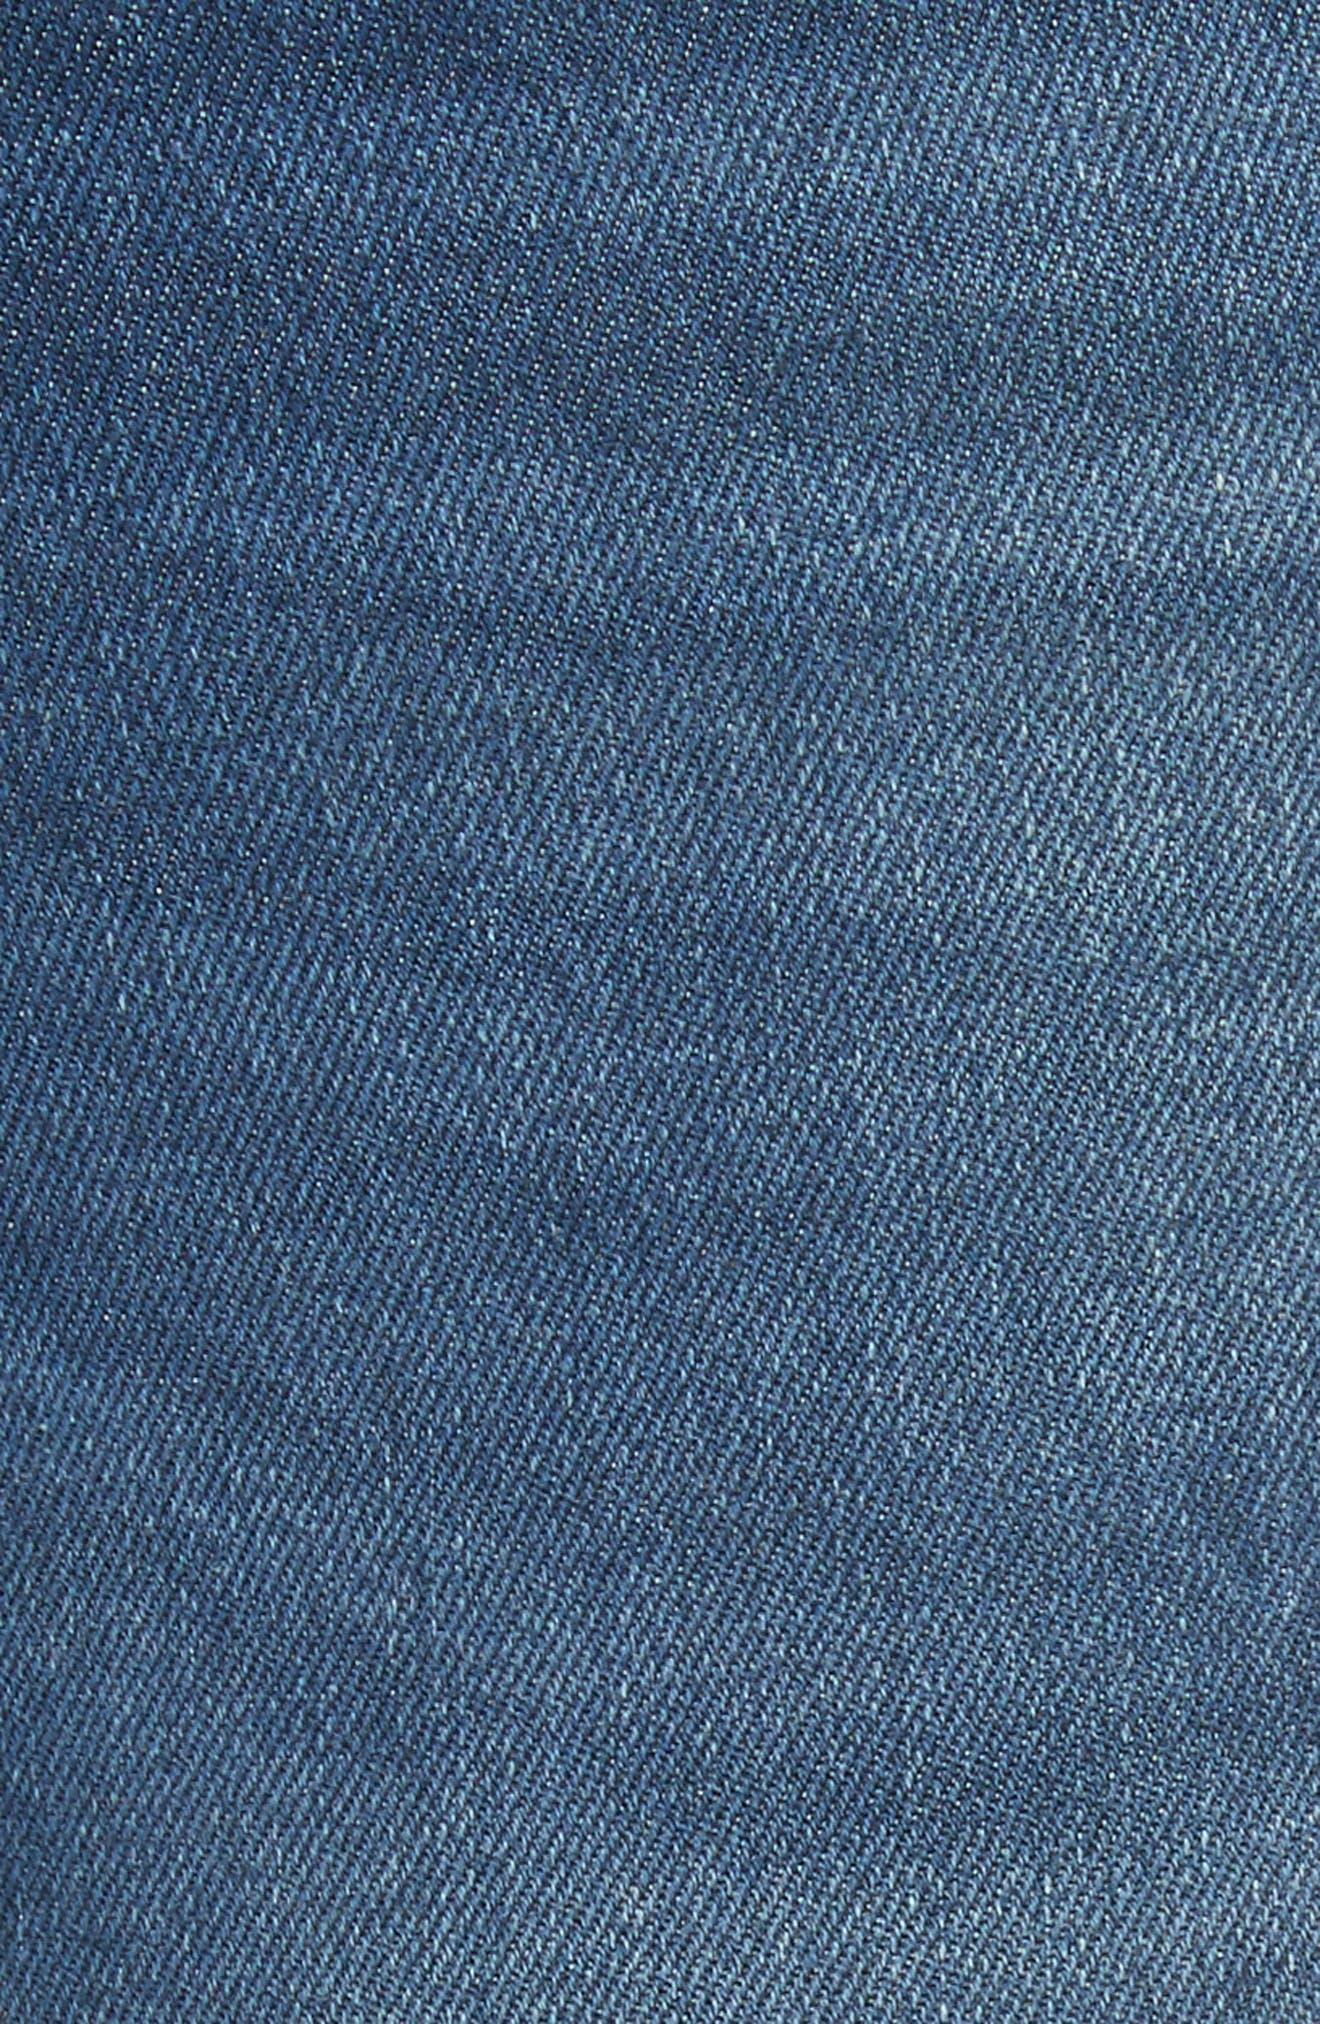 Le Skinny de Jeanne Shredded Raw Hem Jeans,                             Alternate thumbnail 6, color,                             401